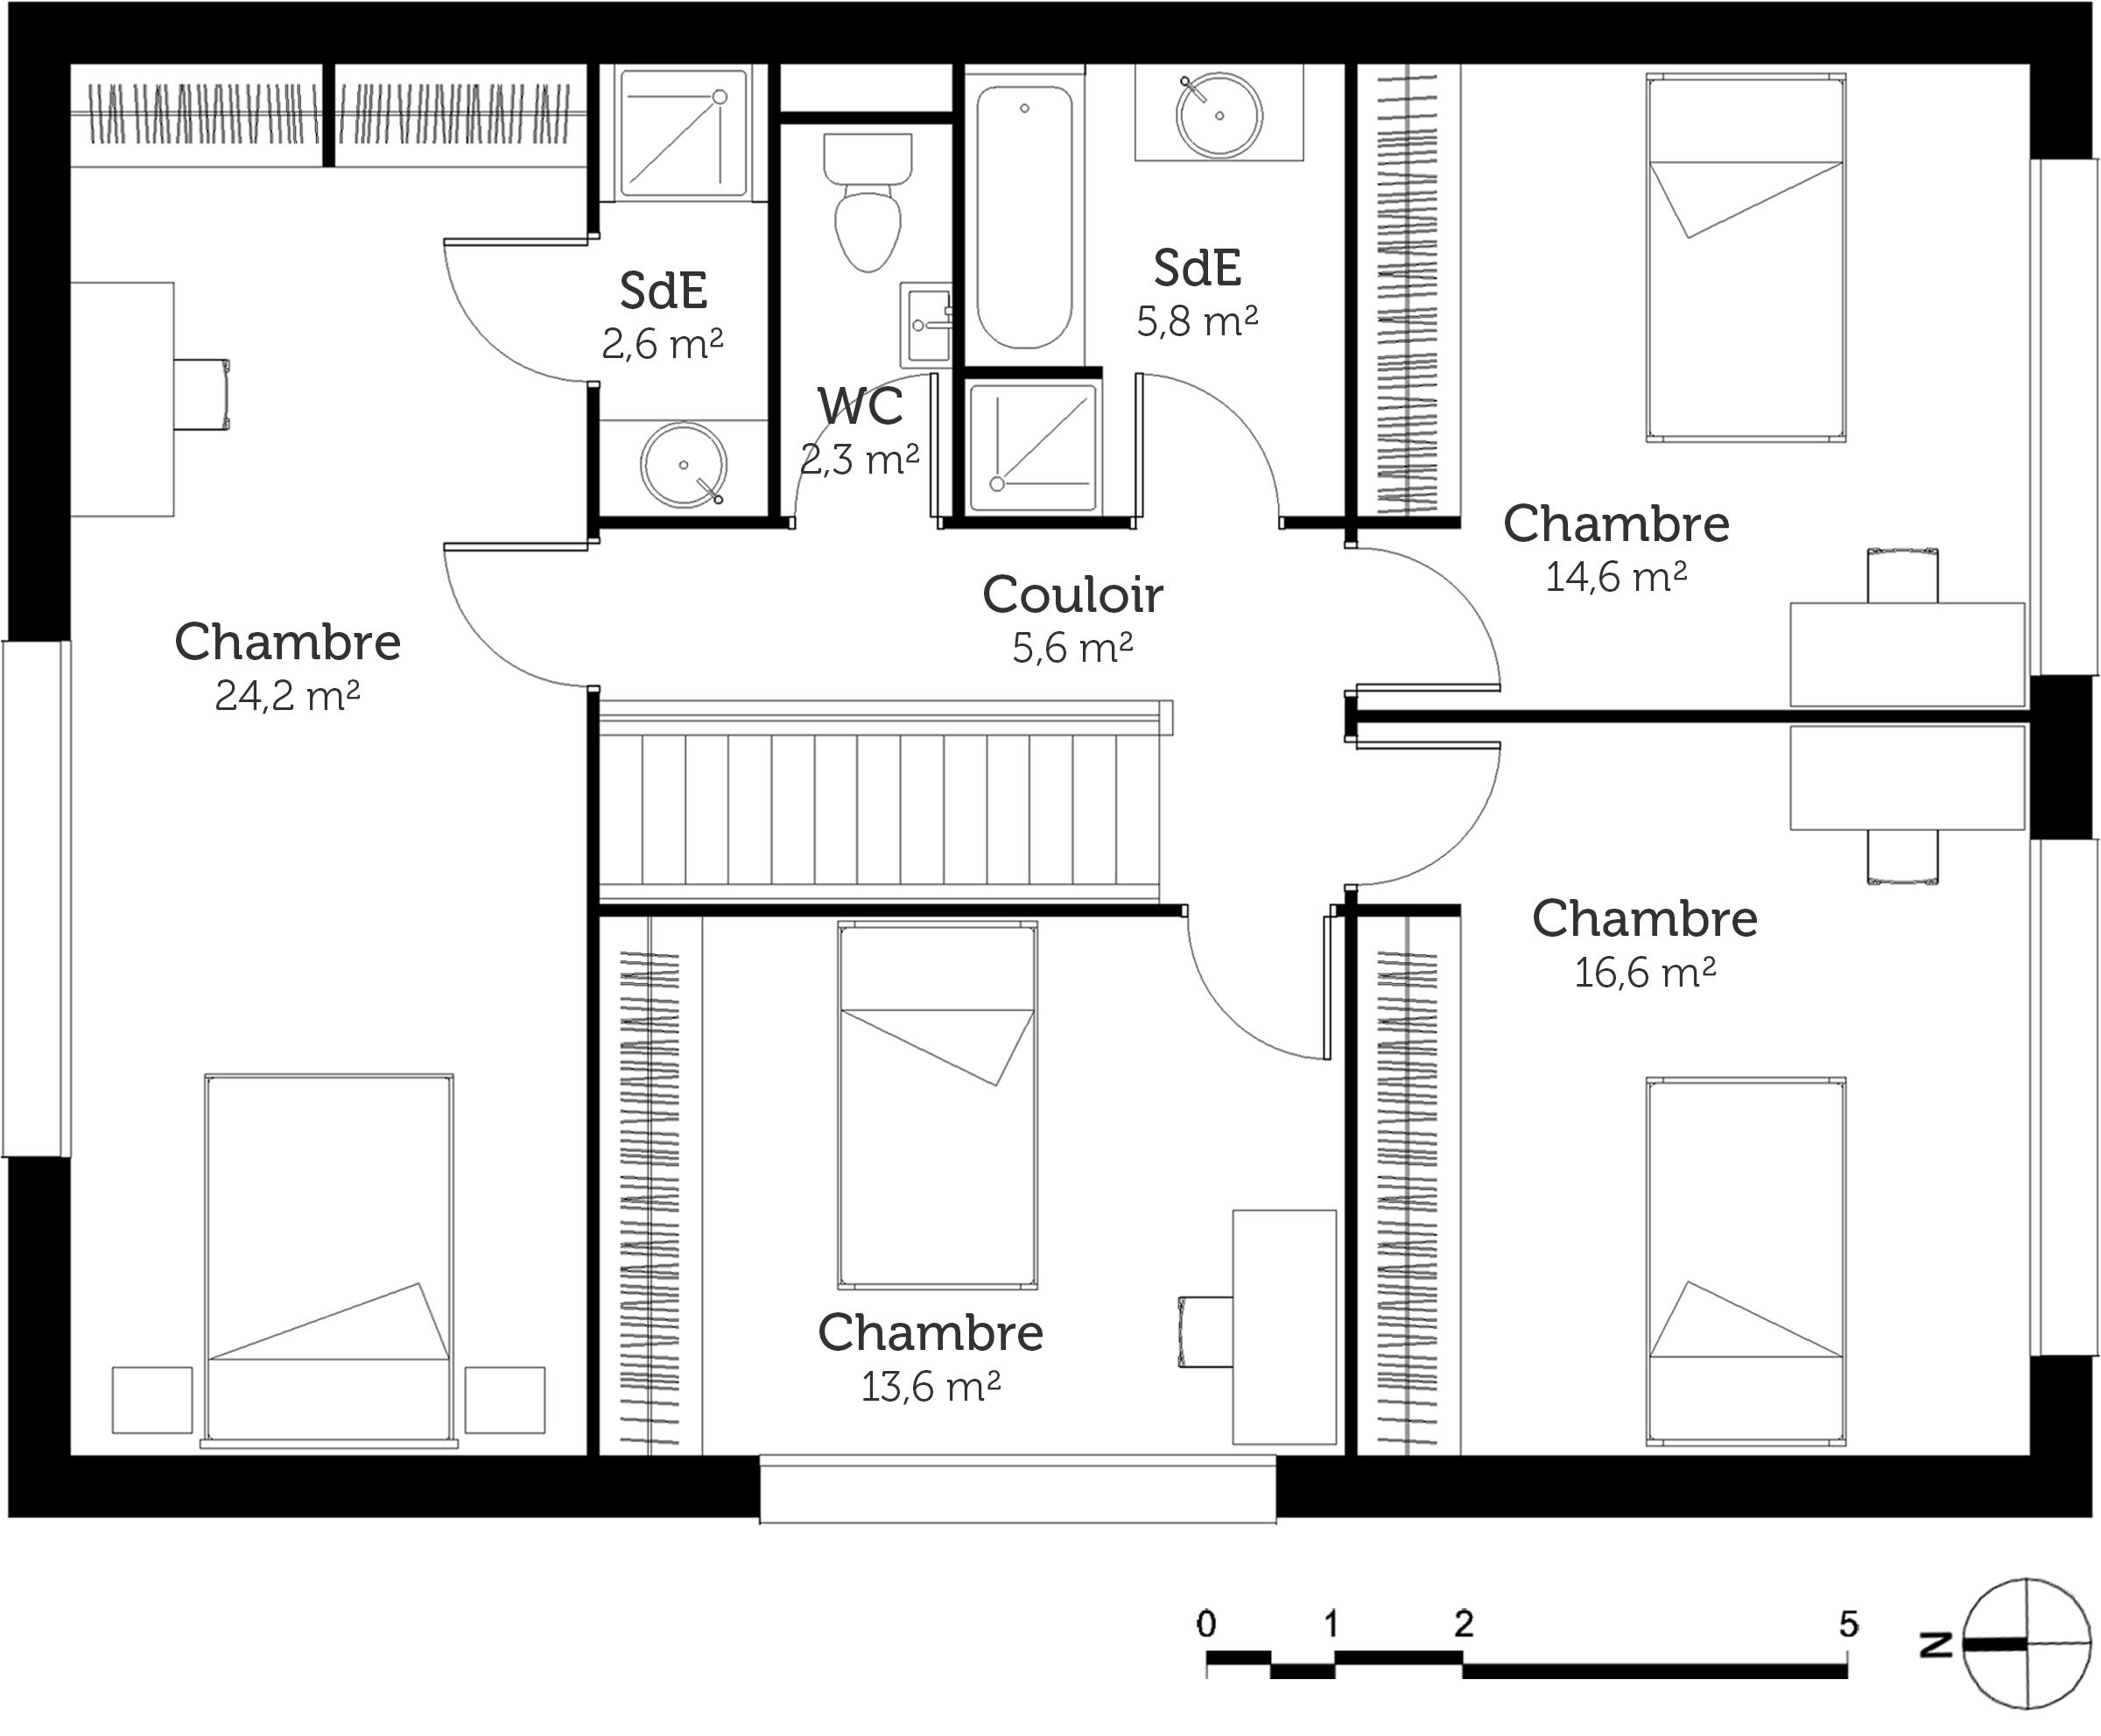 plan au sol du 1er etage plan de maison a etage avec 4 chambres